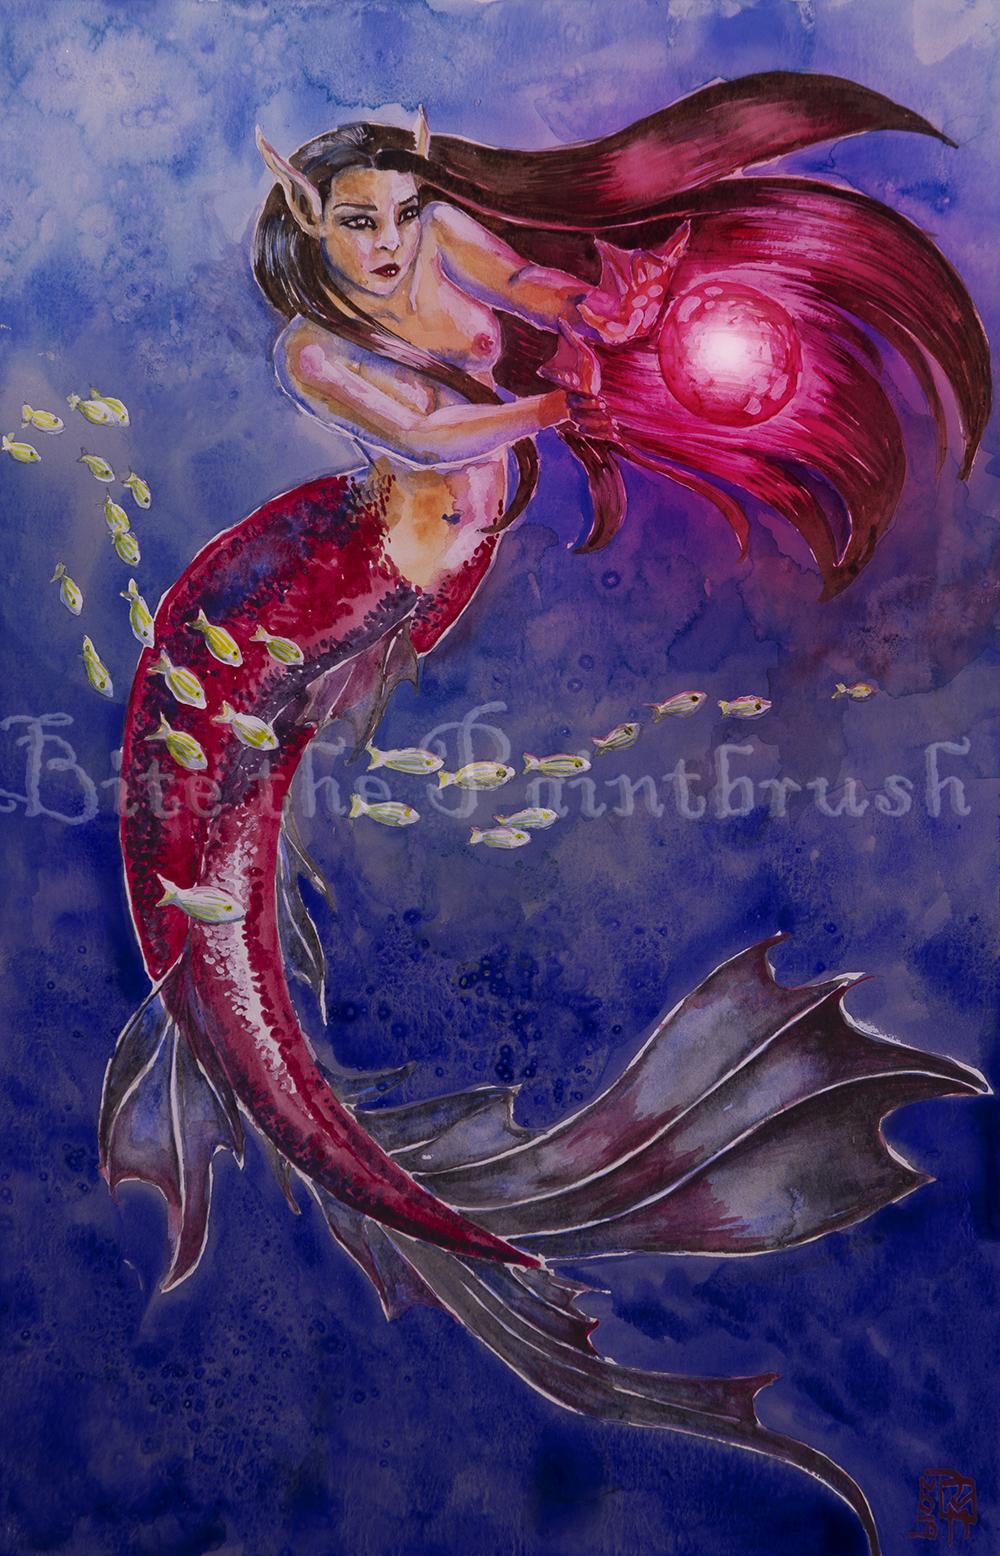 800w scarlet sea witch.jpg